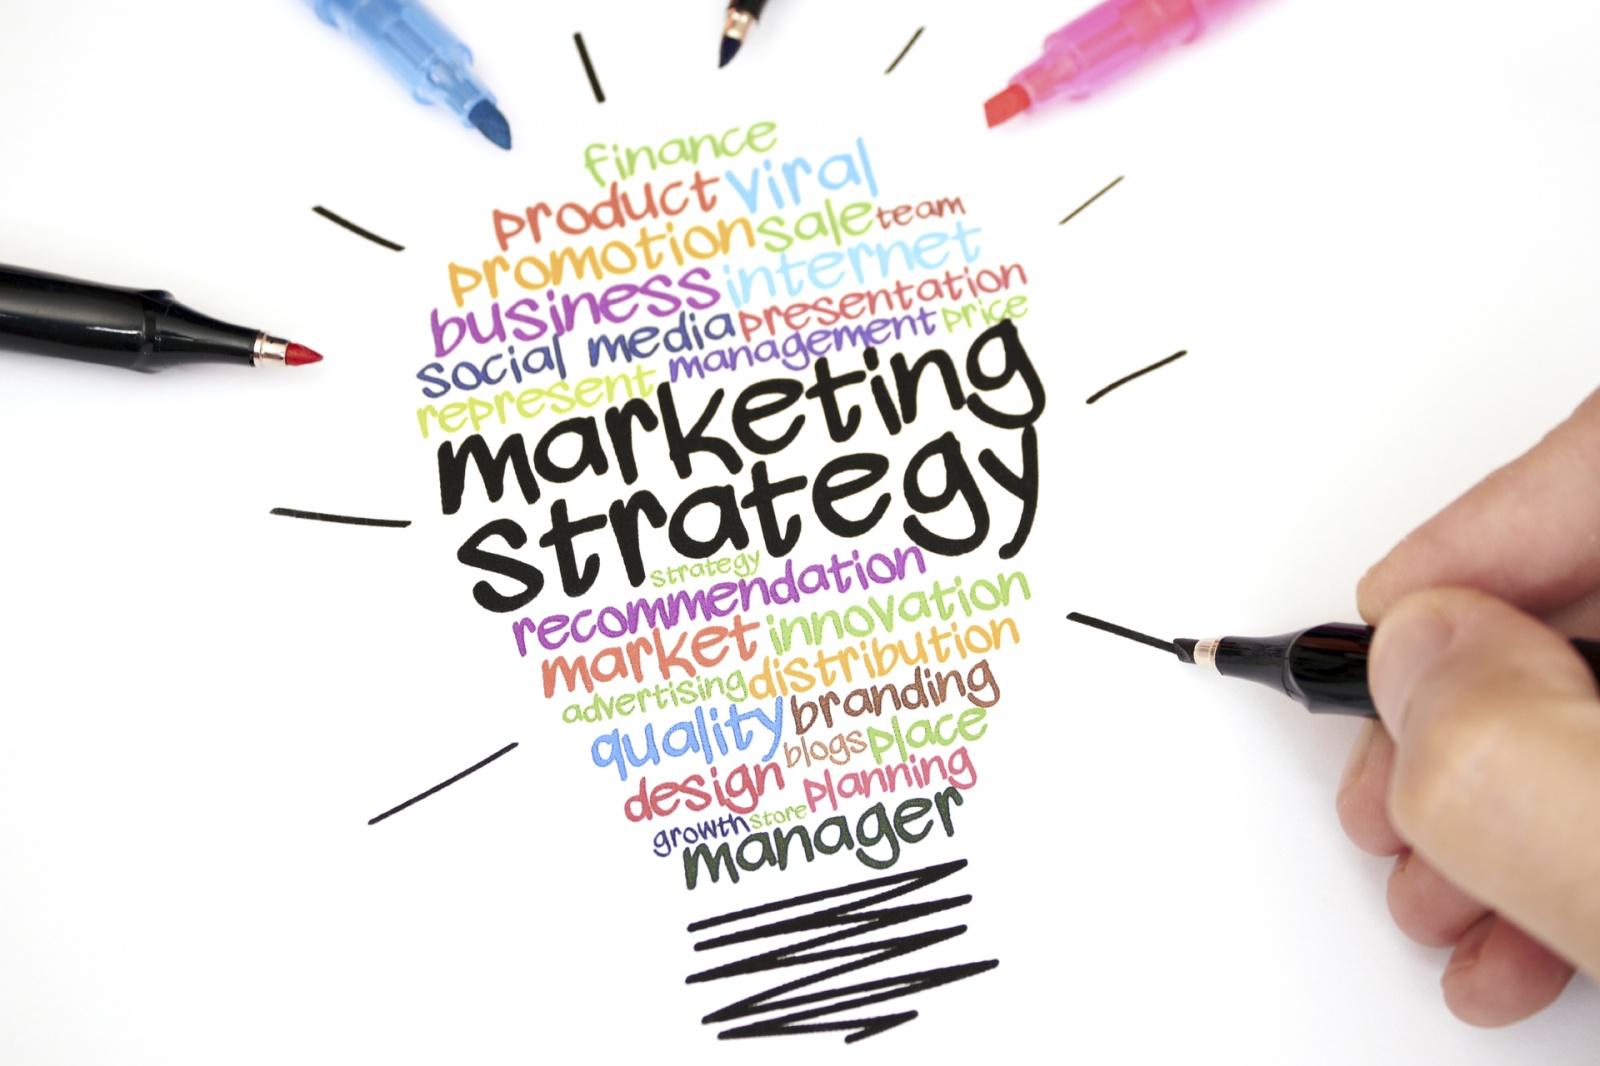 Как построить маркетинговую стратегию для стартапа, не вкладывая больших денежных средств? - 1